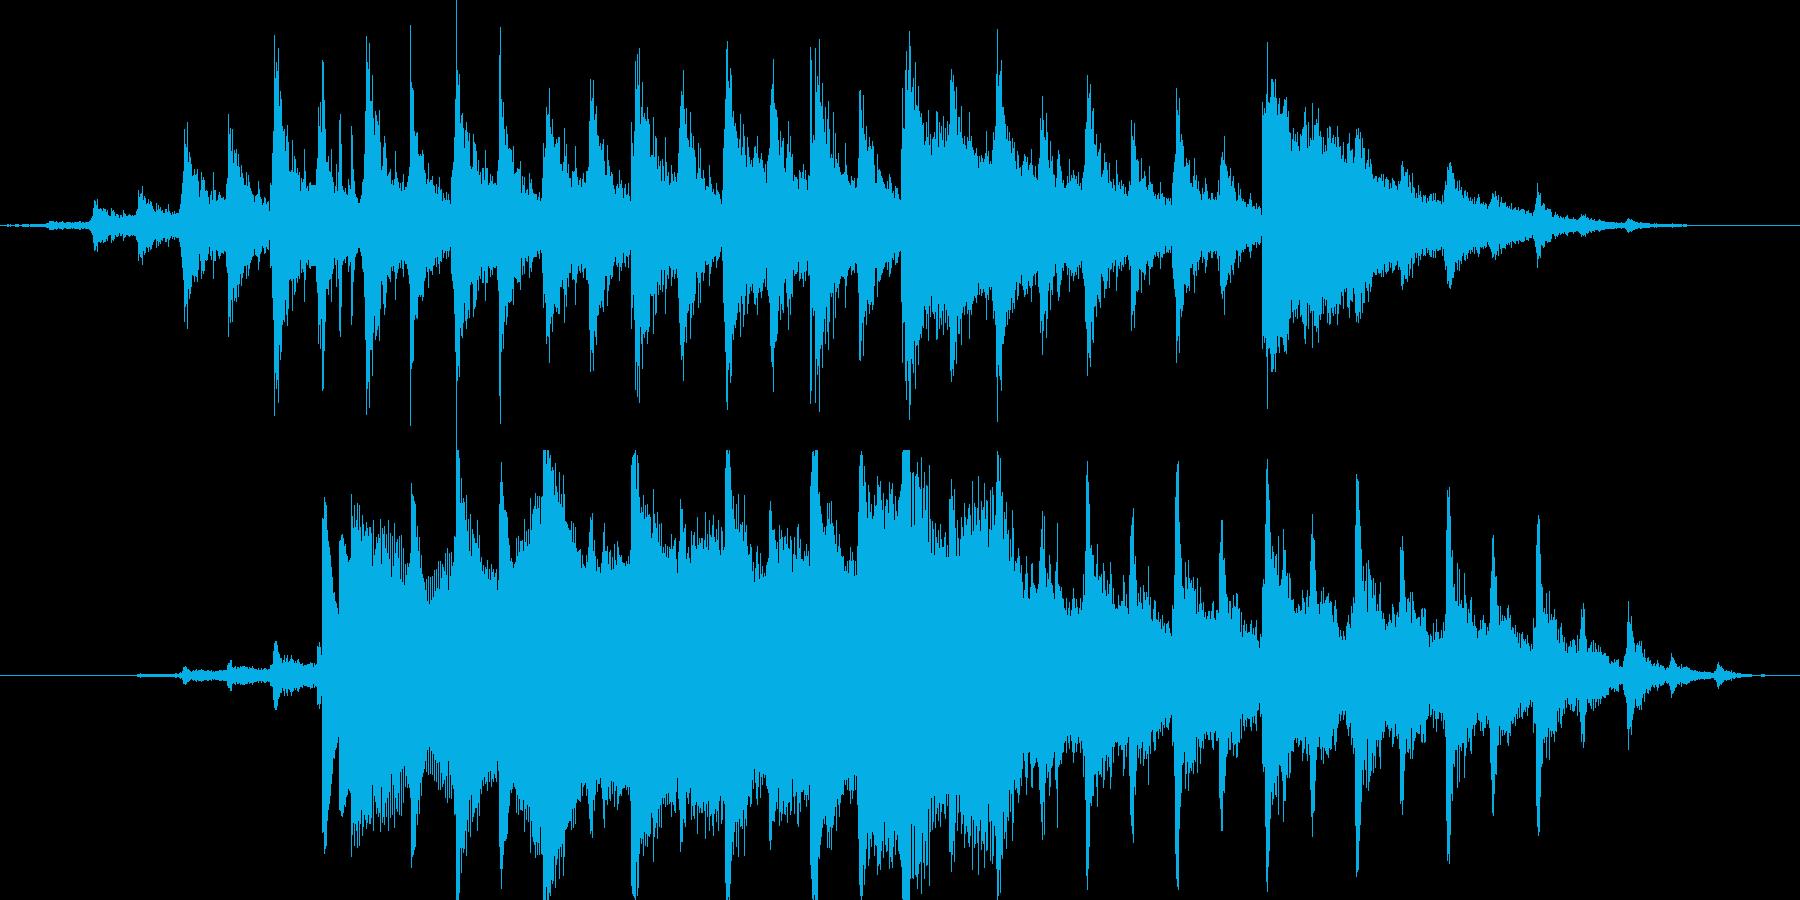 クリスマス時期に合いそうな短いサウンドの再生済みの波形